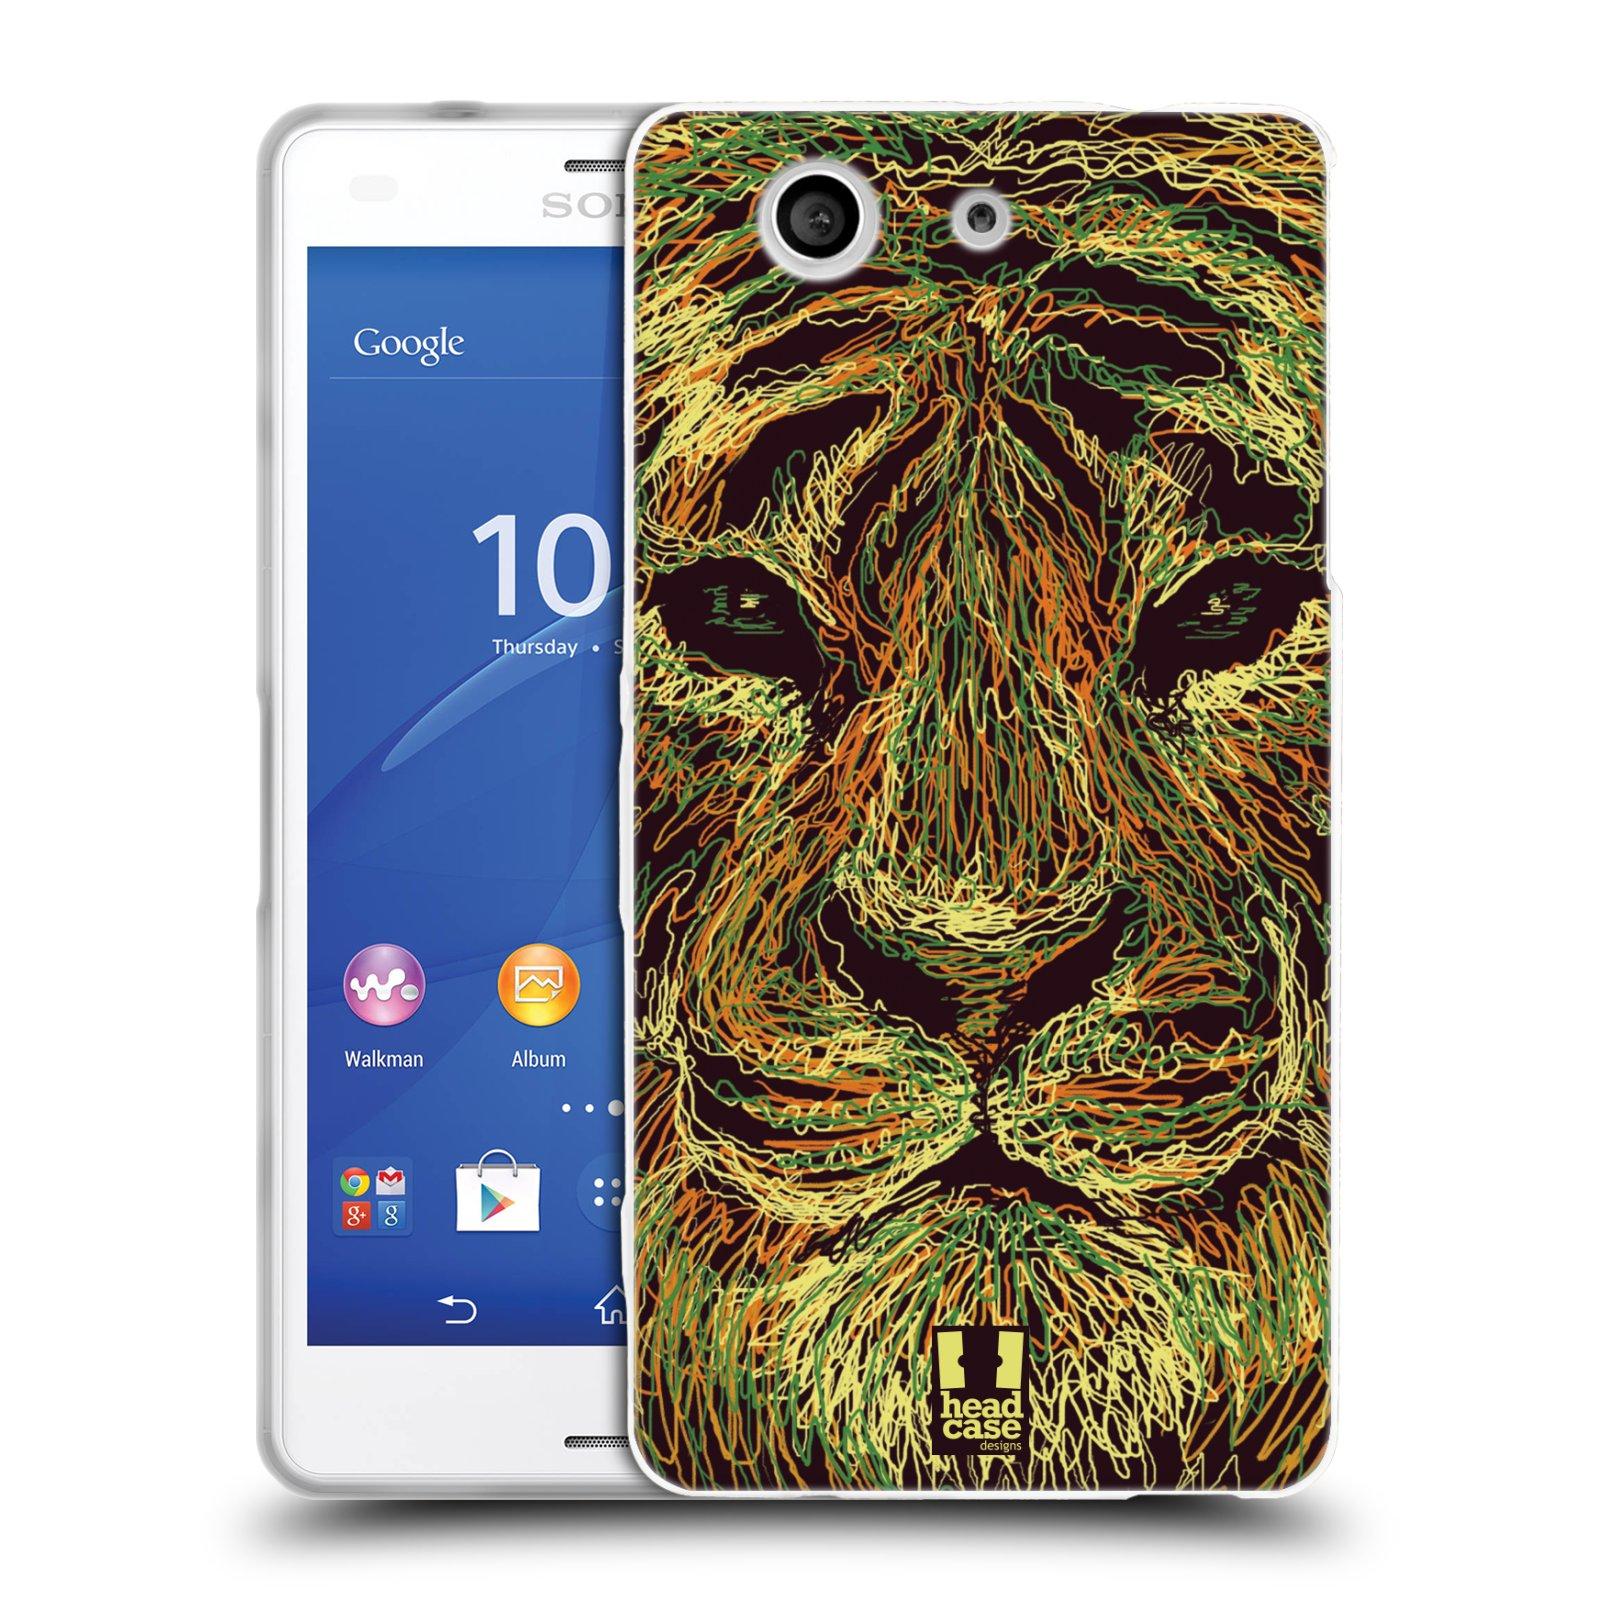 HEAD CASE silikonový obal na mobil Sony Xperia Z3 COMPACT (D5803) vzor zvíře čmáranice tygr